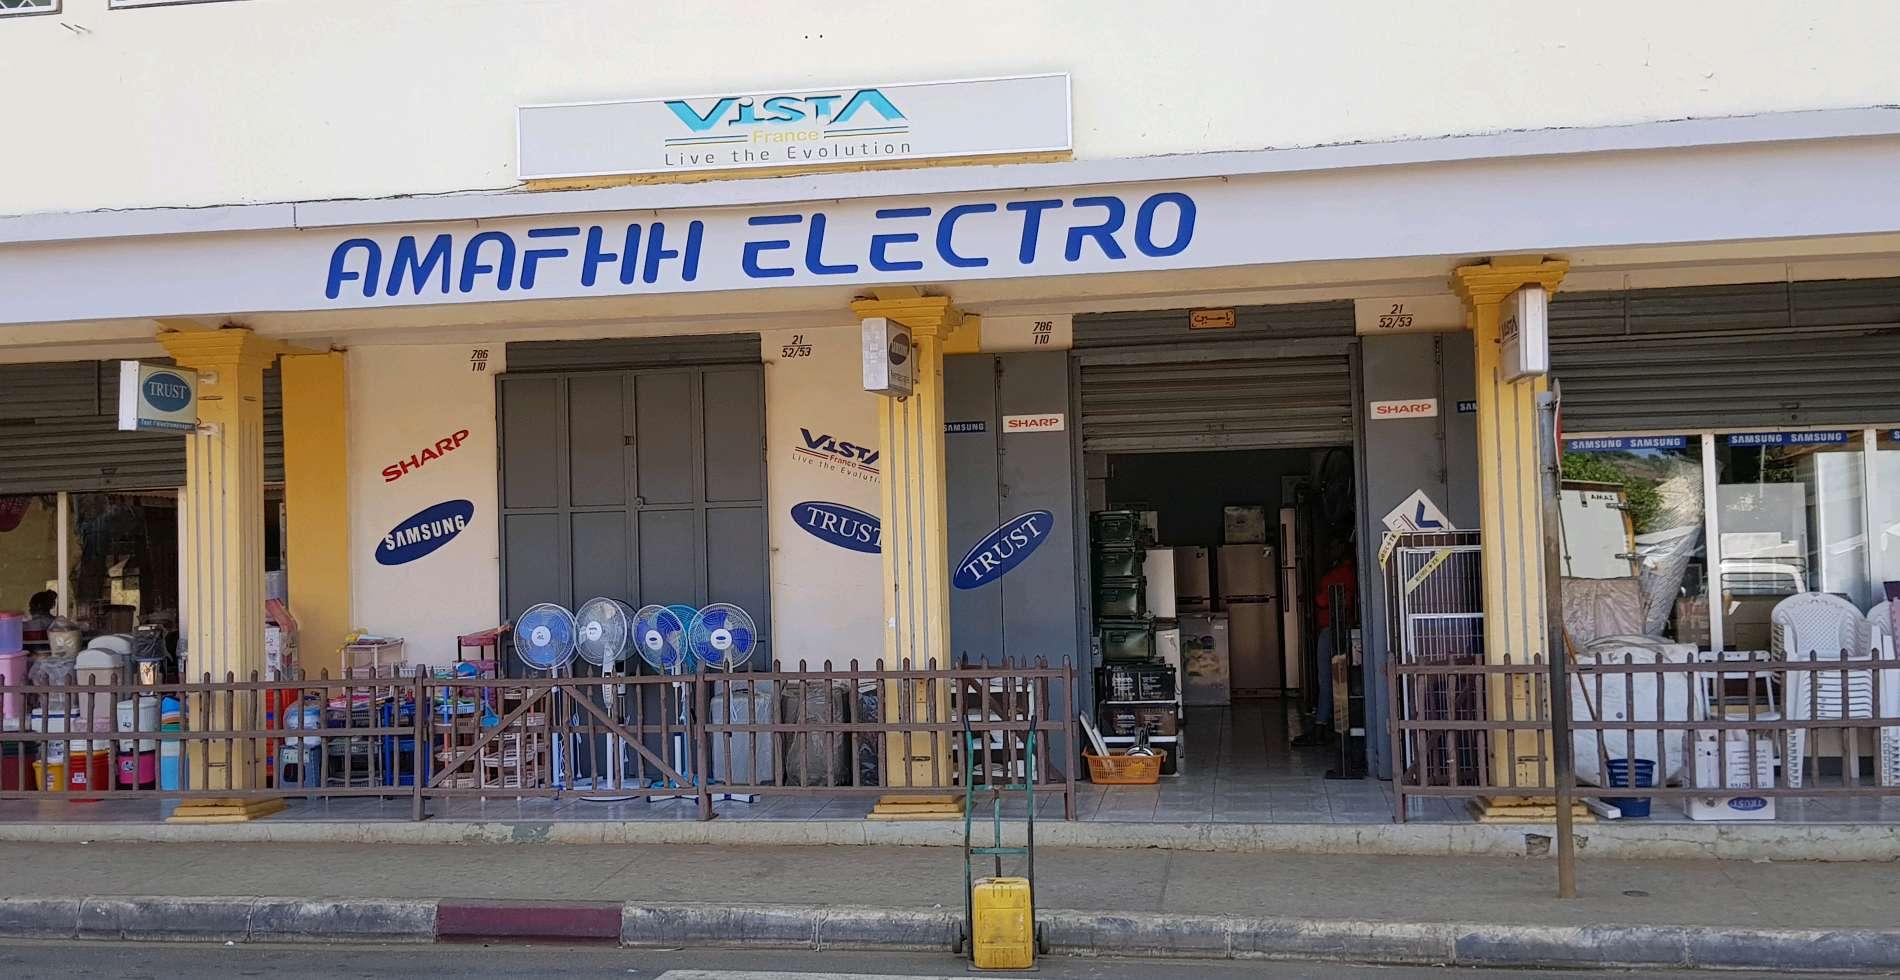 AMAFHH - ELECTRO